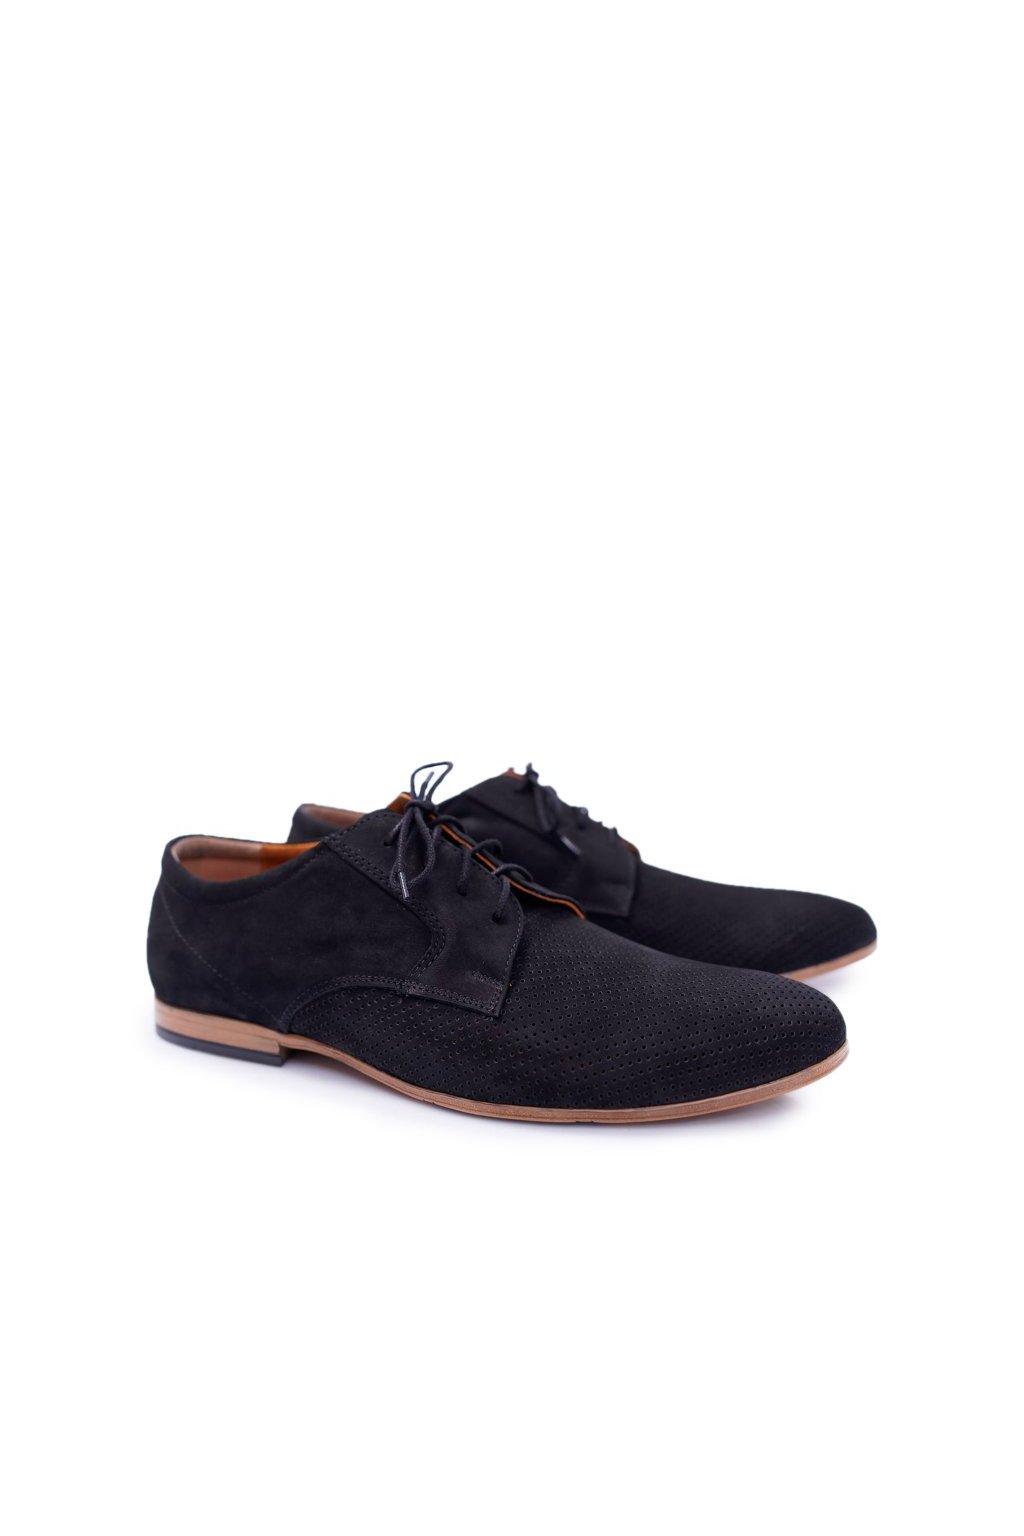 Pánske poltopánky farba čierna kód obuvi 587 BLK